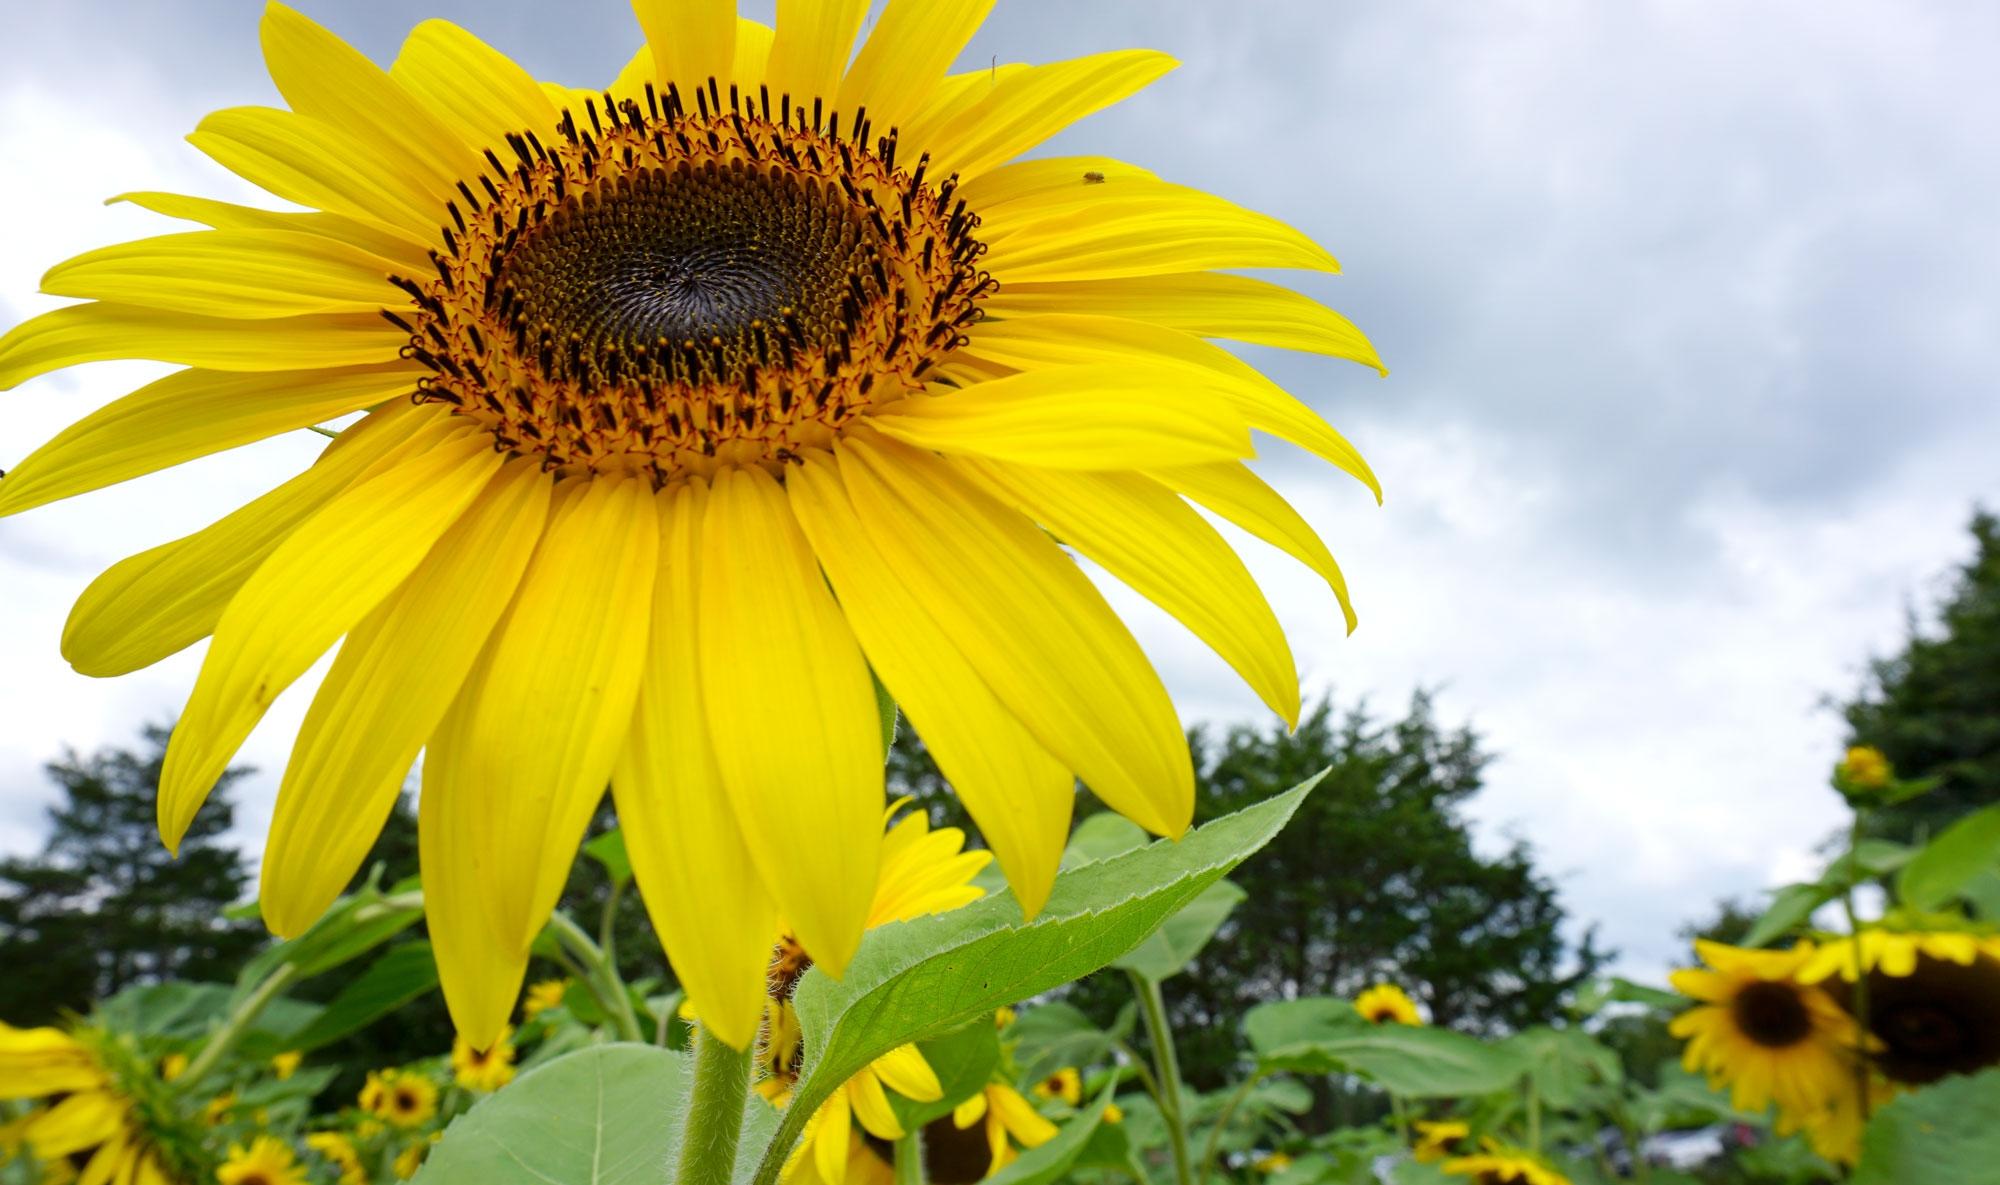 burnside-farms-sunflowers-nora-knox.jpg